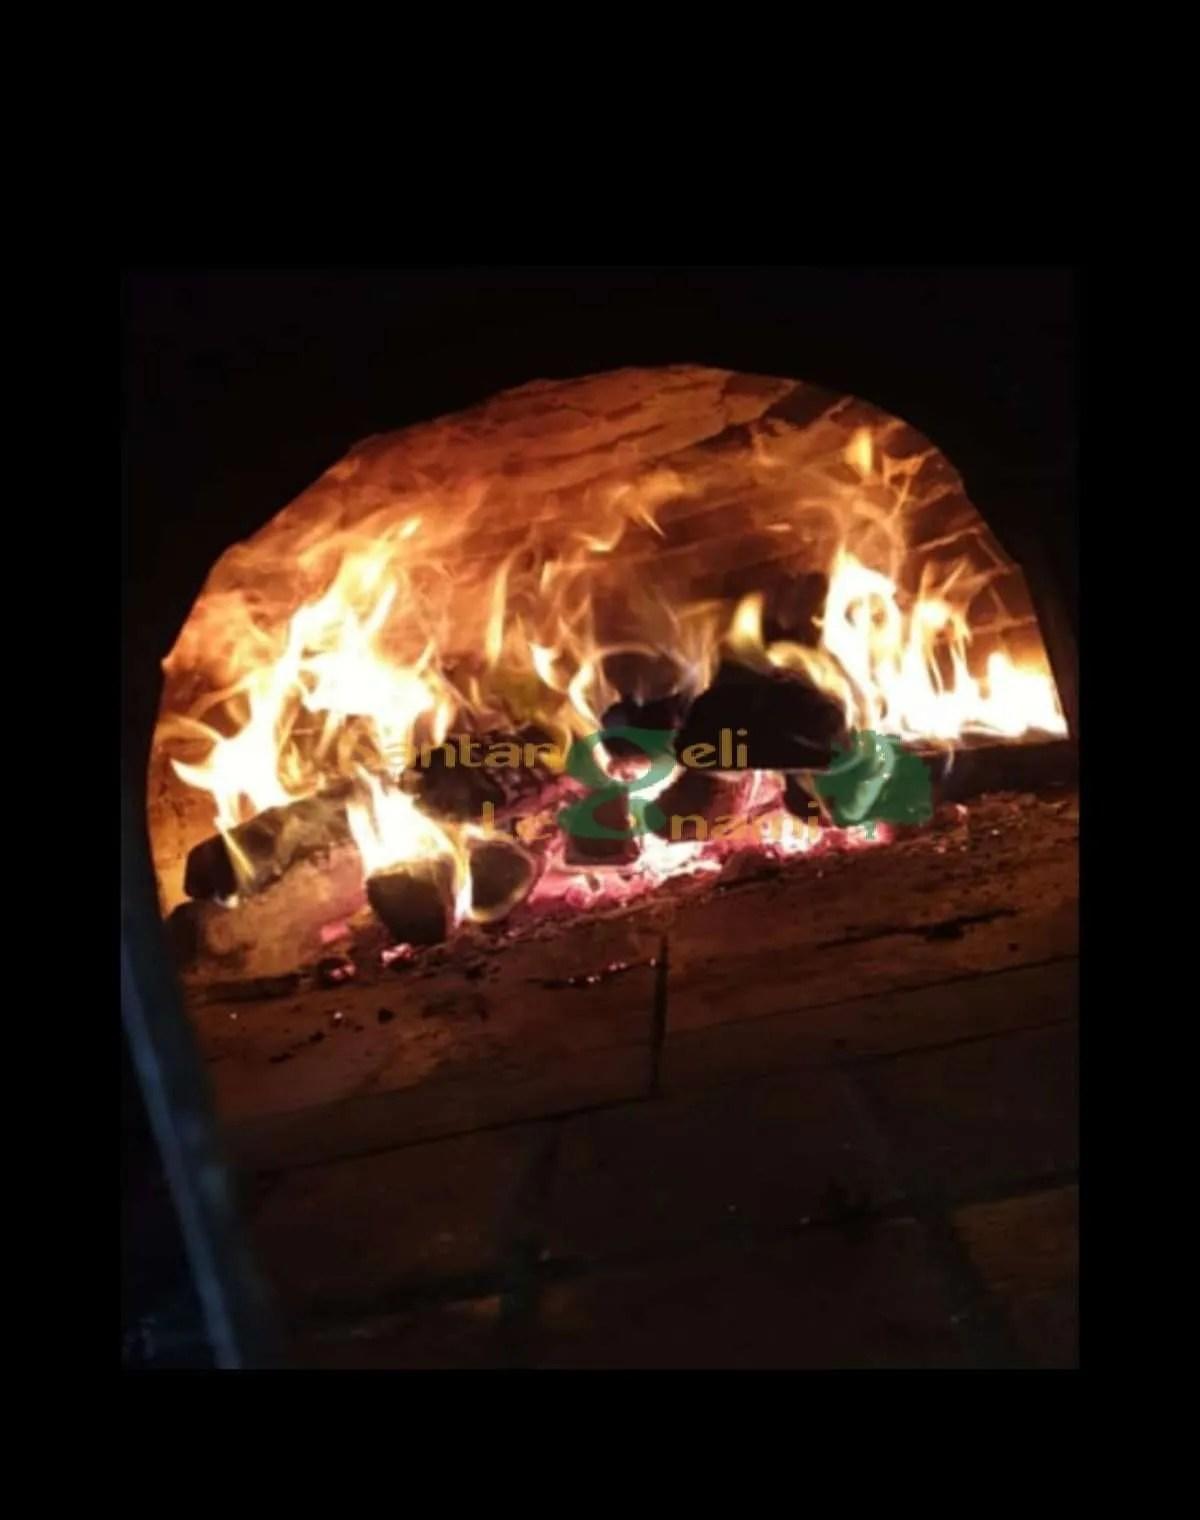 legna per pizzerie a roma - consegna legna pizzeria roma